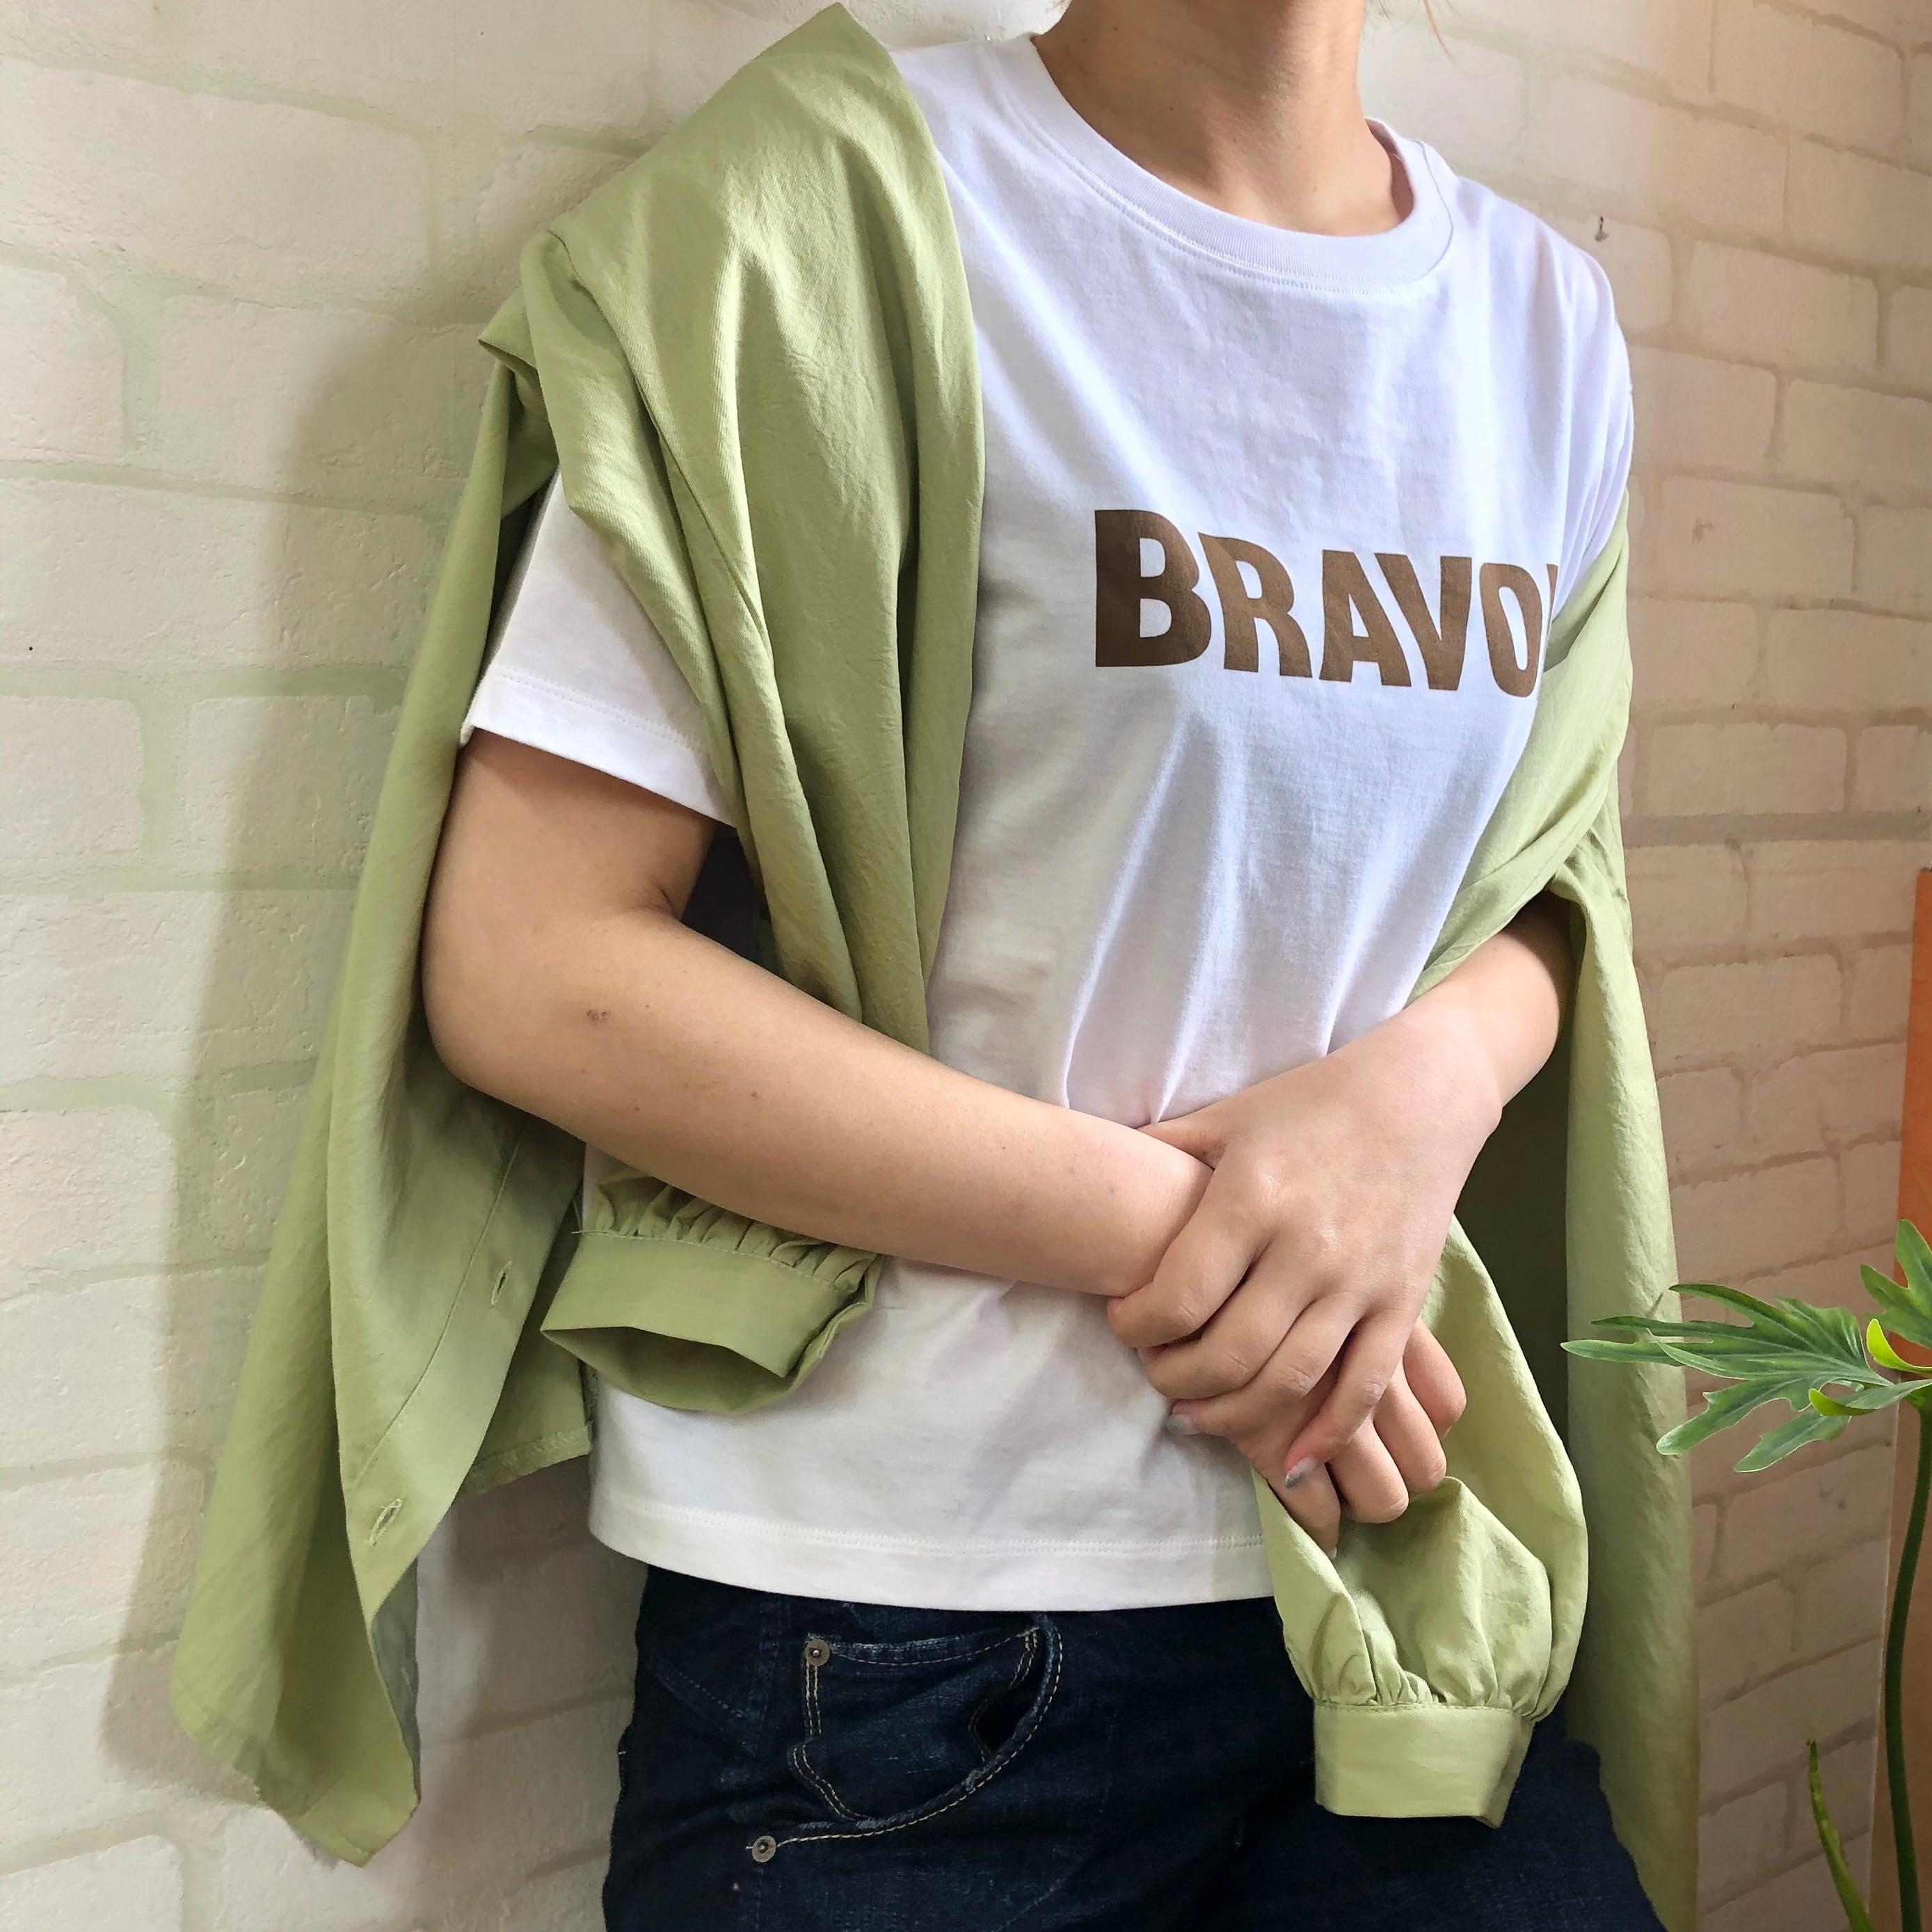 【 siro de labonte 】- 199-2040 - BRAVOTシャツ